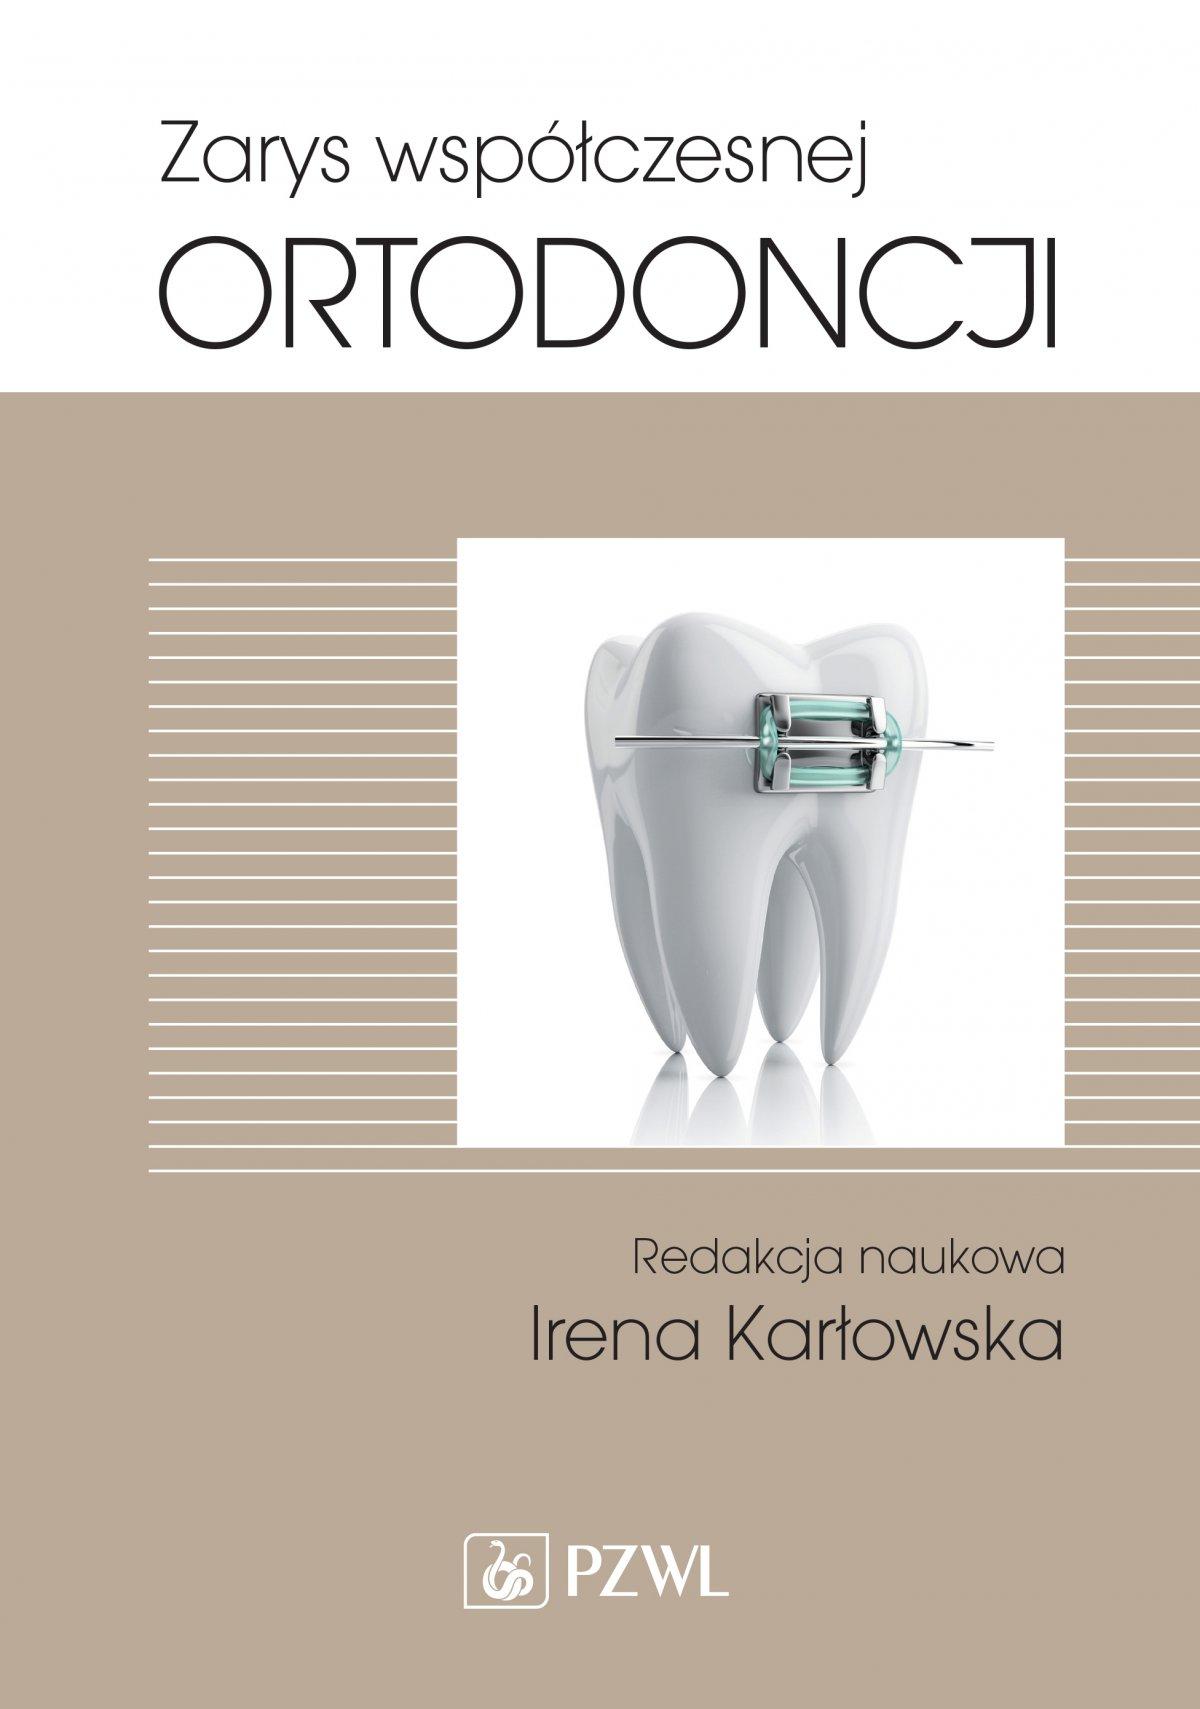 Zarys współczesnej ortodoncji - Ebook (Książka EPUB) do pobrania w formacie EPUB